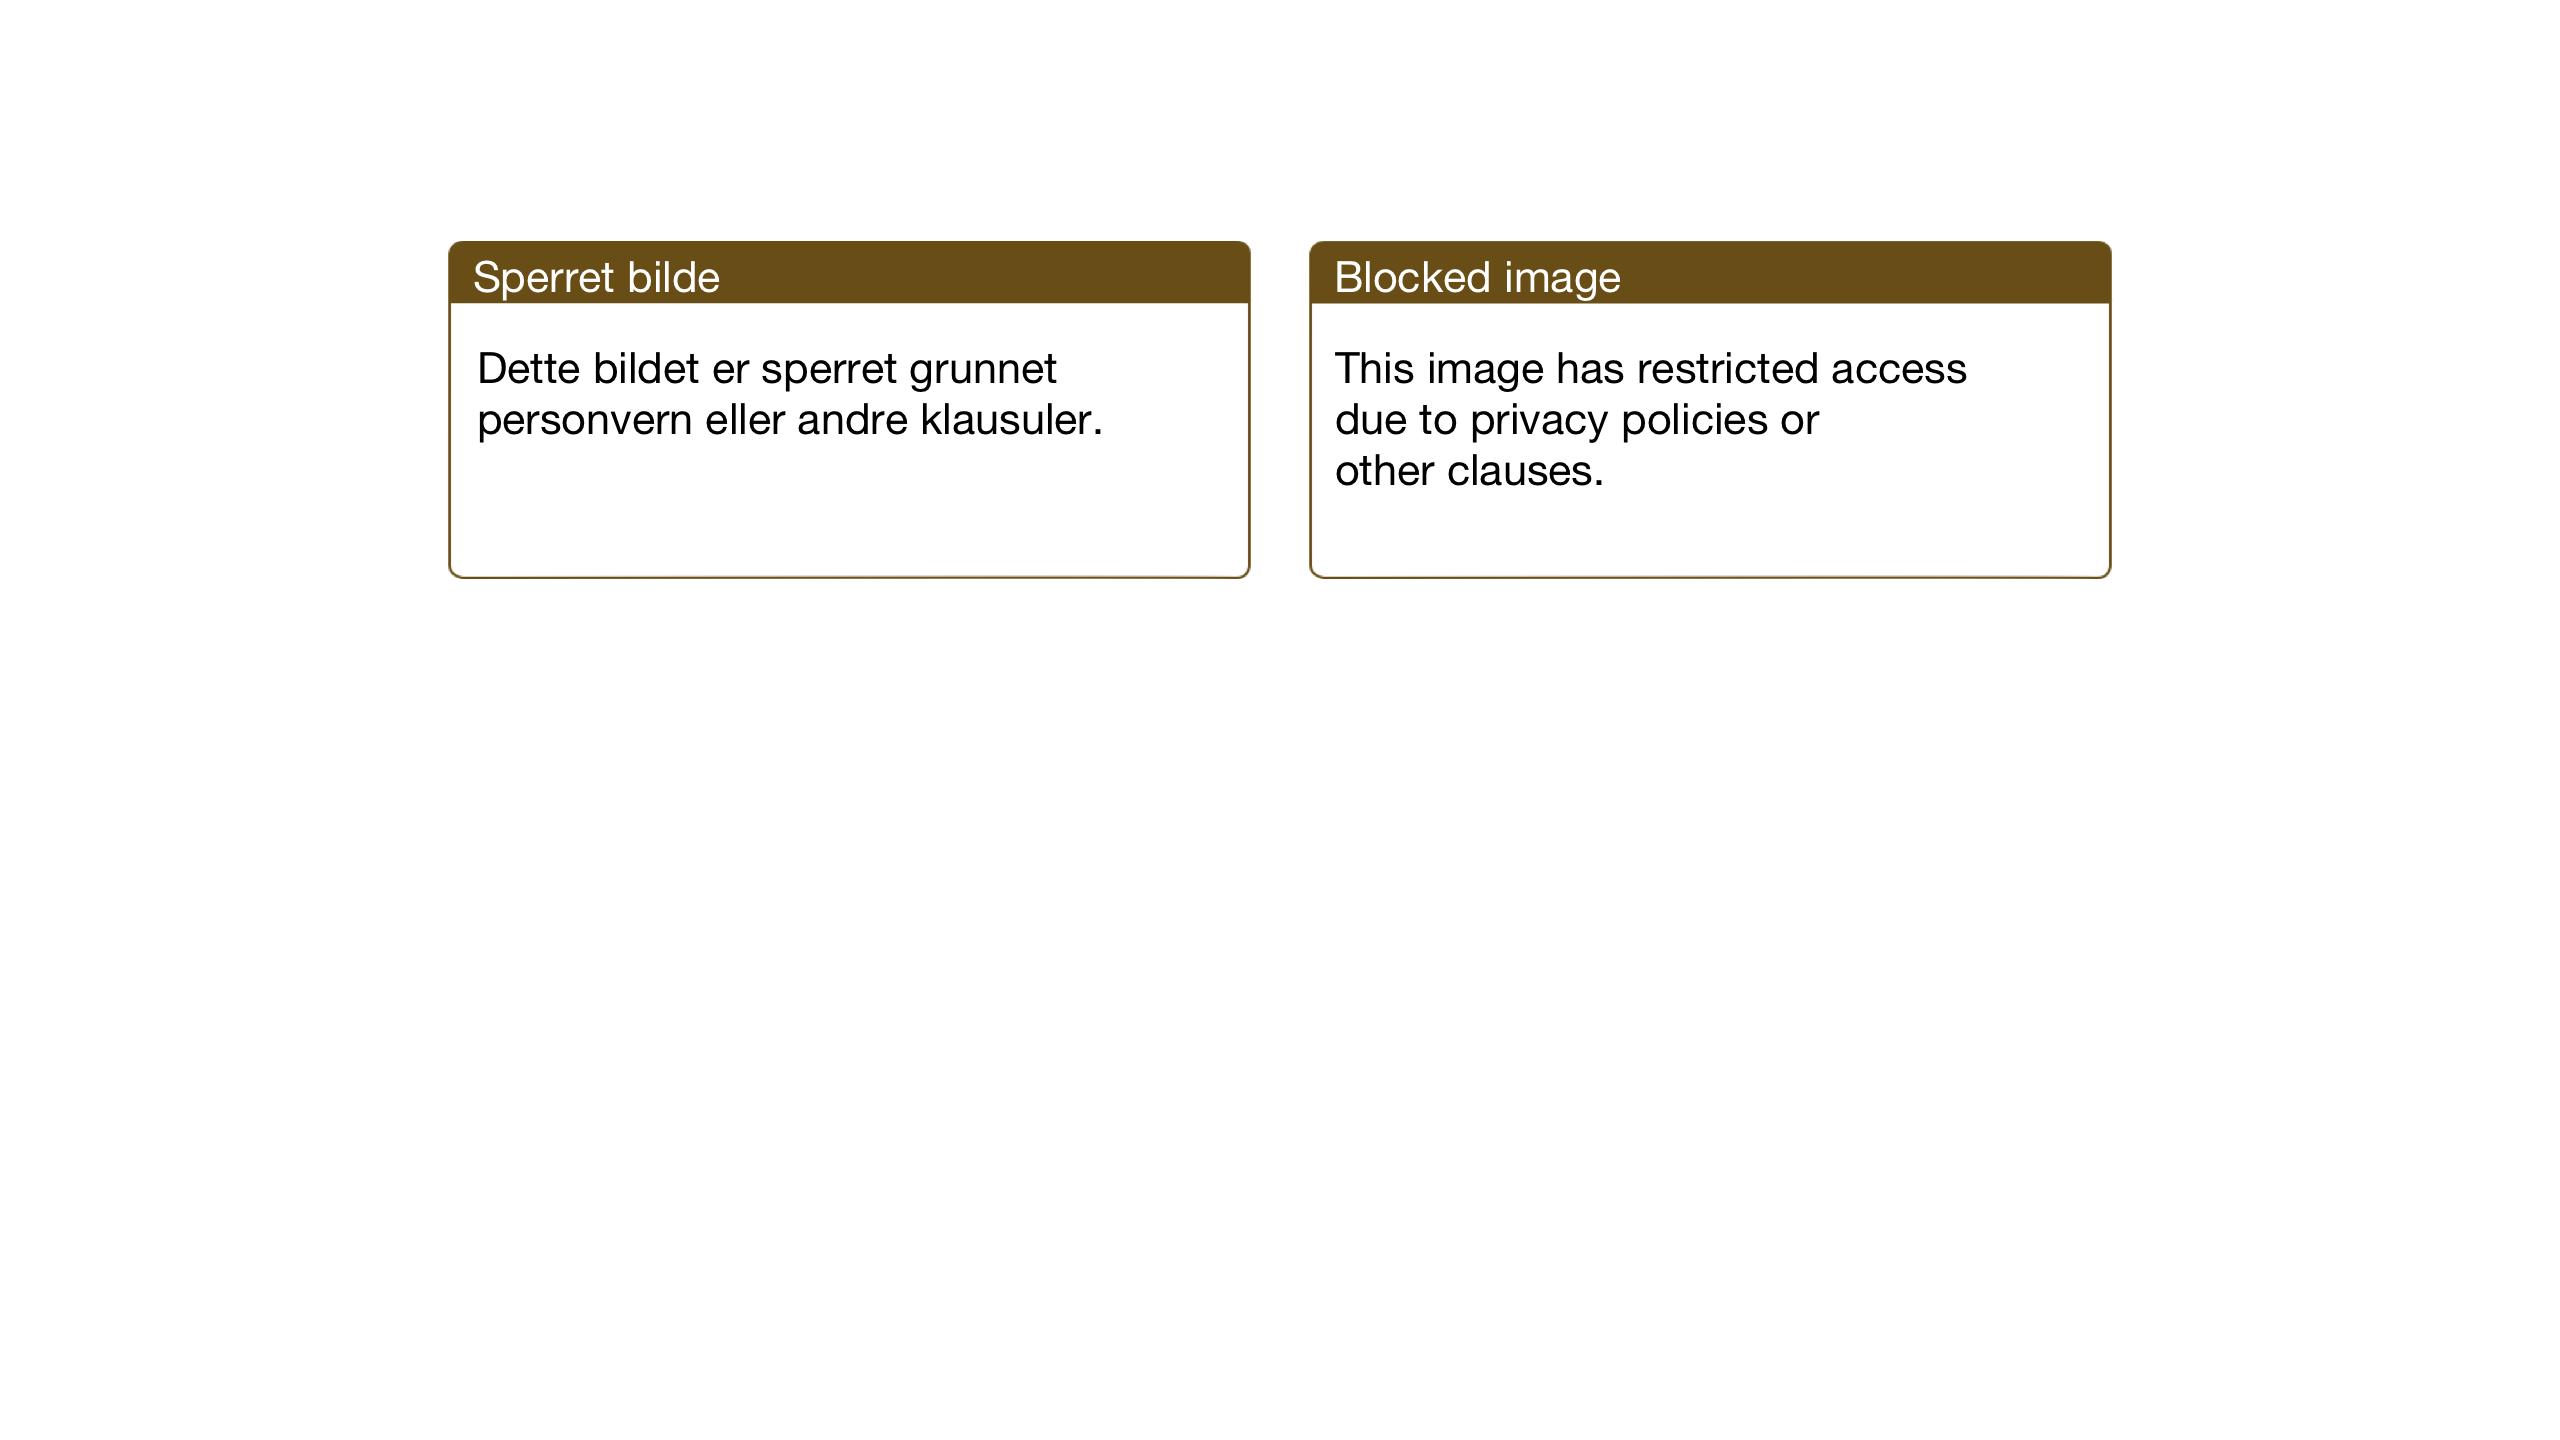 SAT, Ministerialprotokoller, klokkerbøker og fødselsregistre - Nord-Trøndelag, 789/L0706: Klokkerbok nr. 789C01, 1888-1931, s. 104